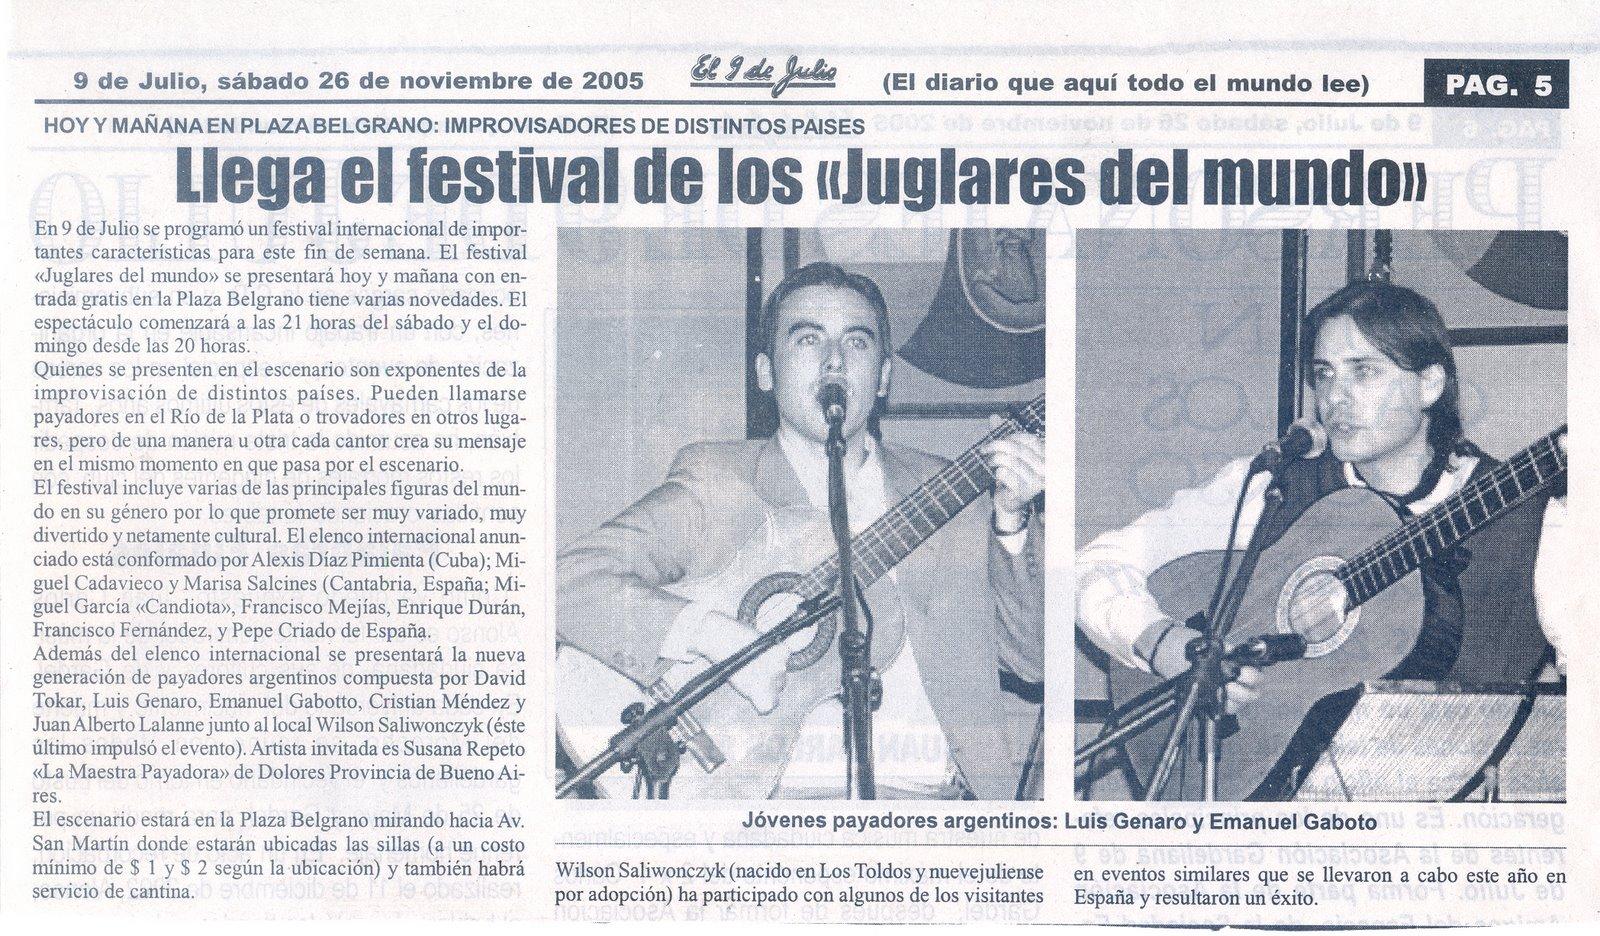 [9+DE+JULIO.+9+de+Julio+(Argentina),+26.11.2005]